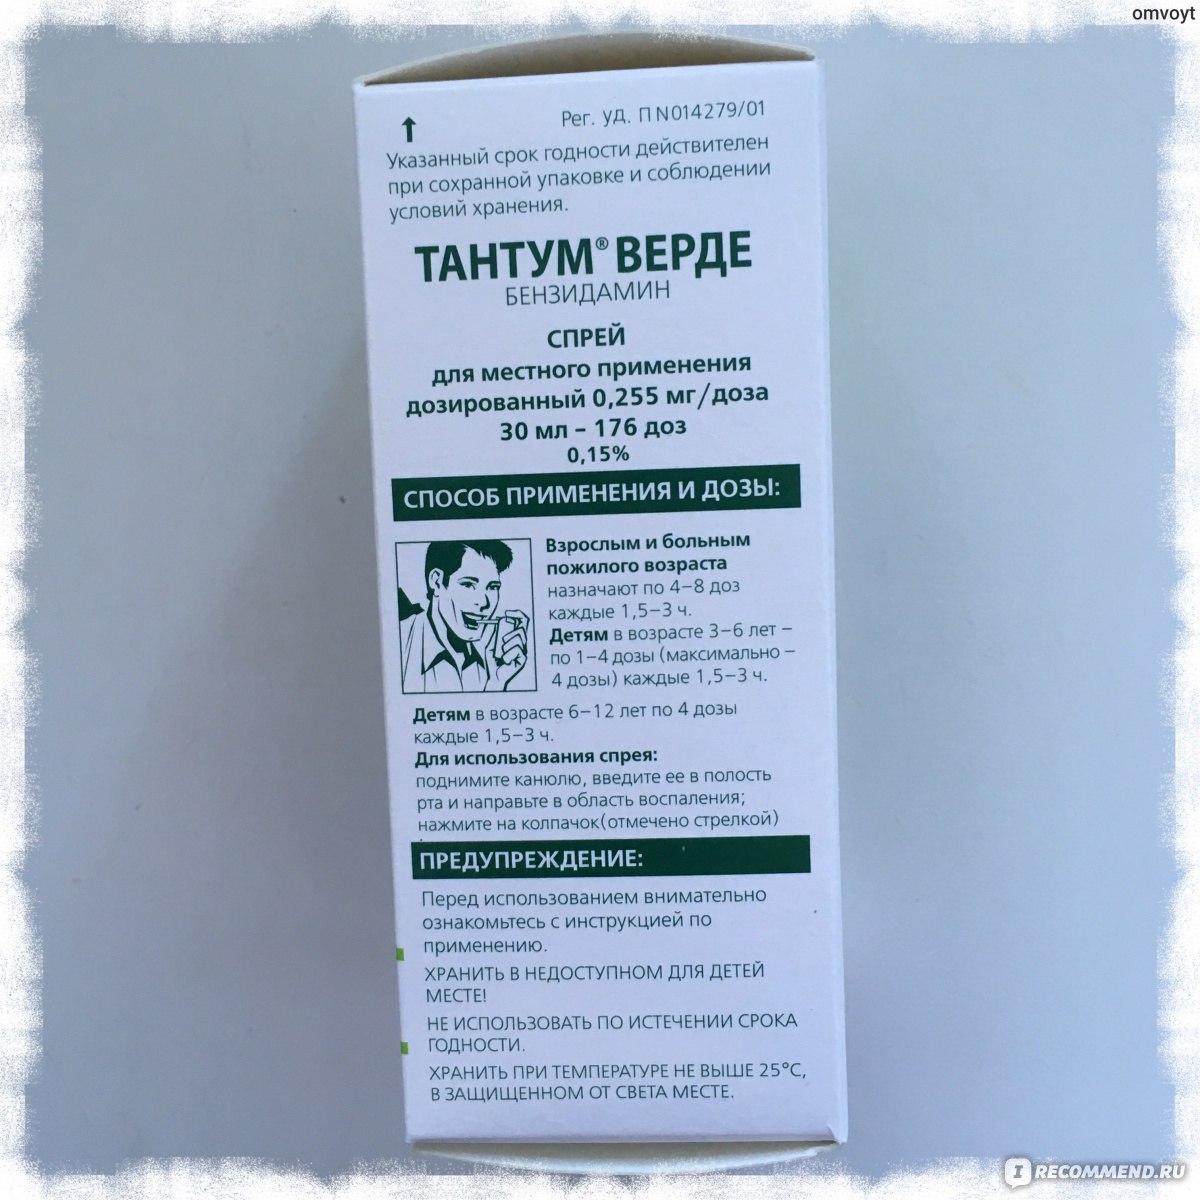 Инструкция по применению спрея, таблеток и раствора «тантум верде» для детей и взрослых, аналоги